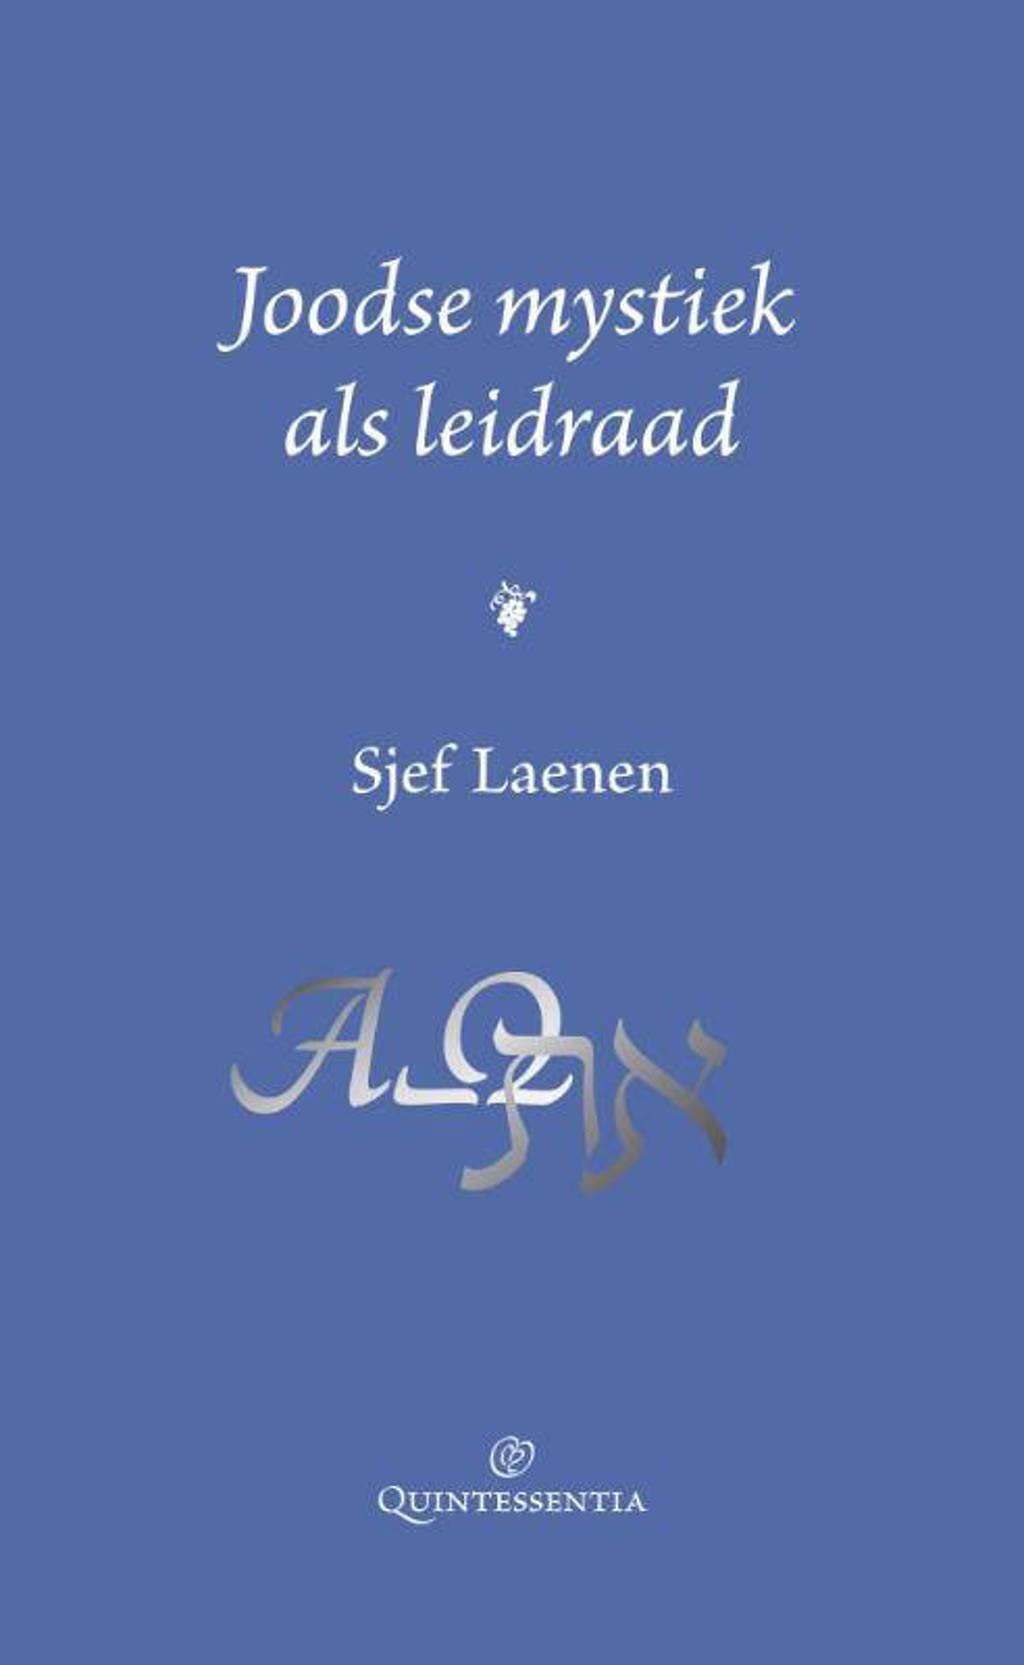 Joodse mystiek als leidraad - Sjef Laenen